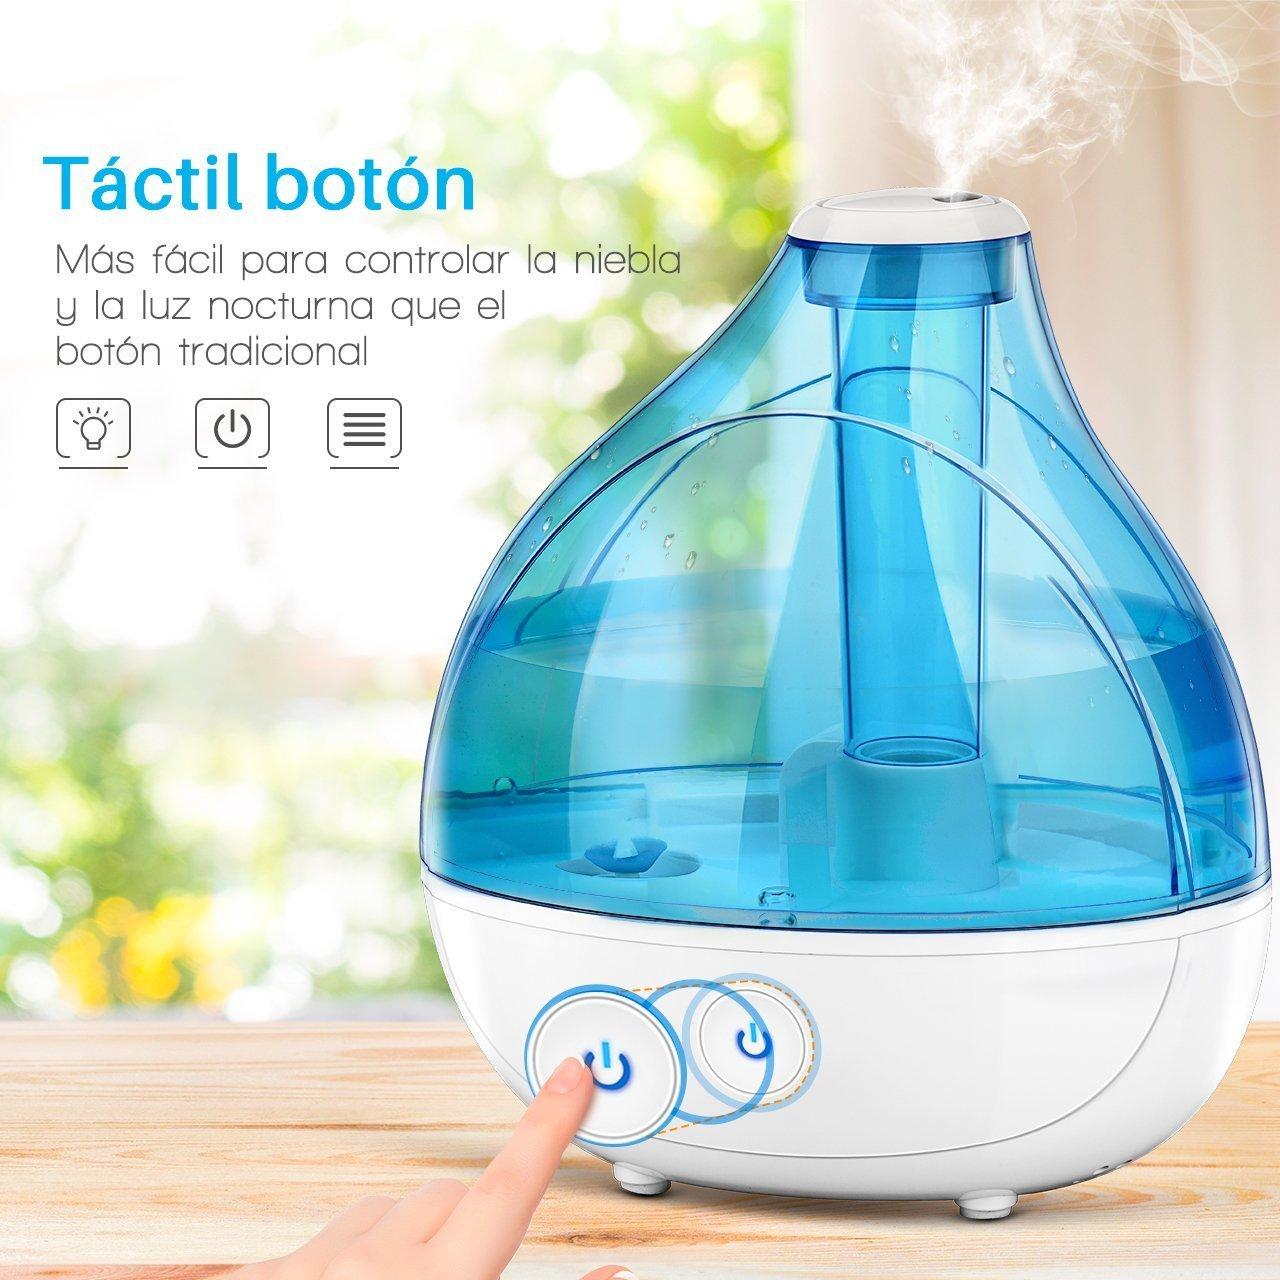 300ml Bebé Humidificador Ultrasónico Aromaterapia, Seguridad y Añadir la Humedad, con vapor frío sano, Difusor de Aceites Esenciales, ...